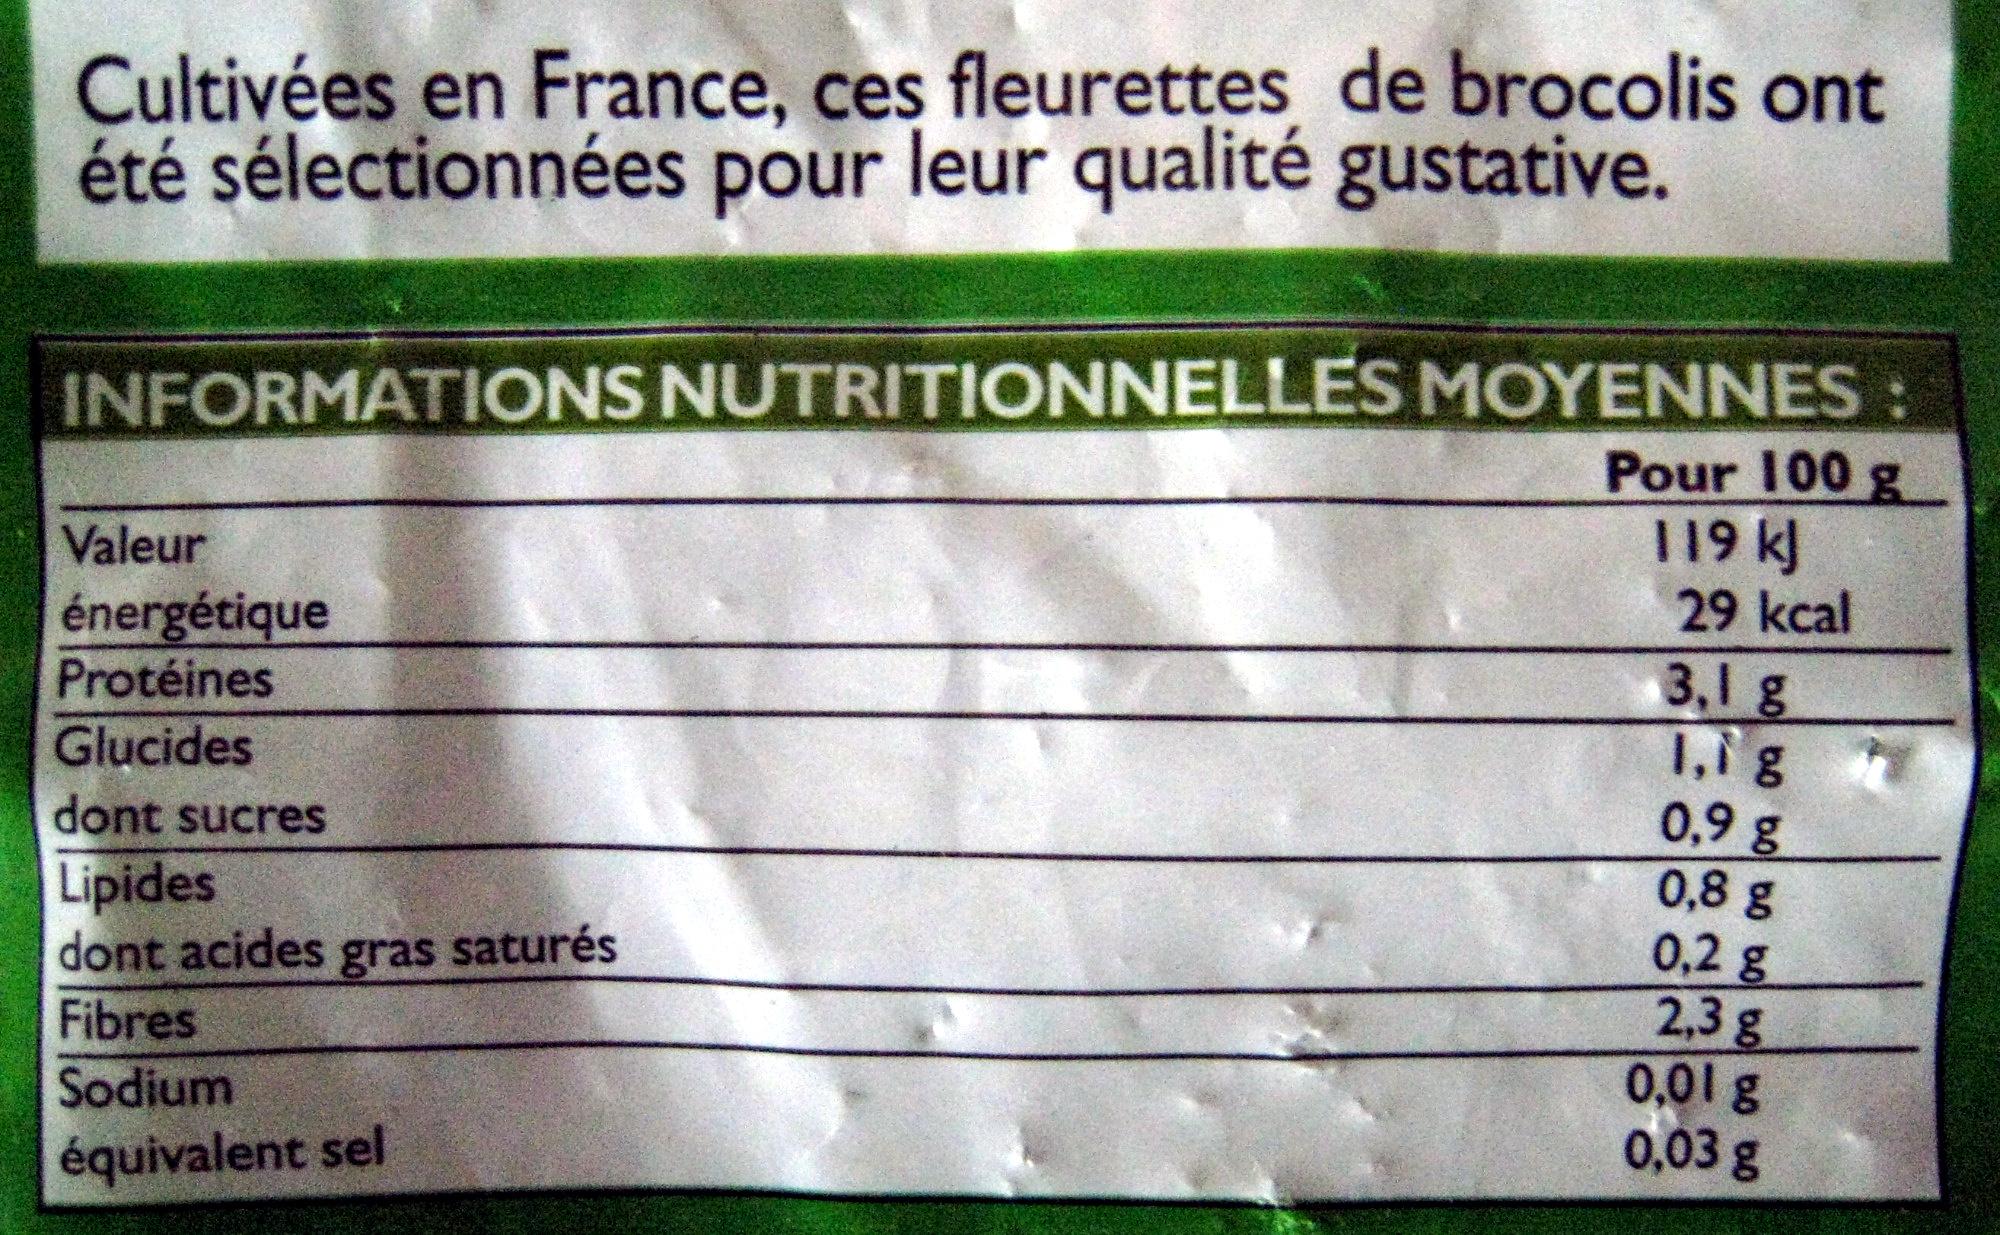 Fleurettes de brocolis Bio - Informations nutritionnelles - fr